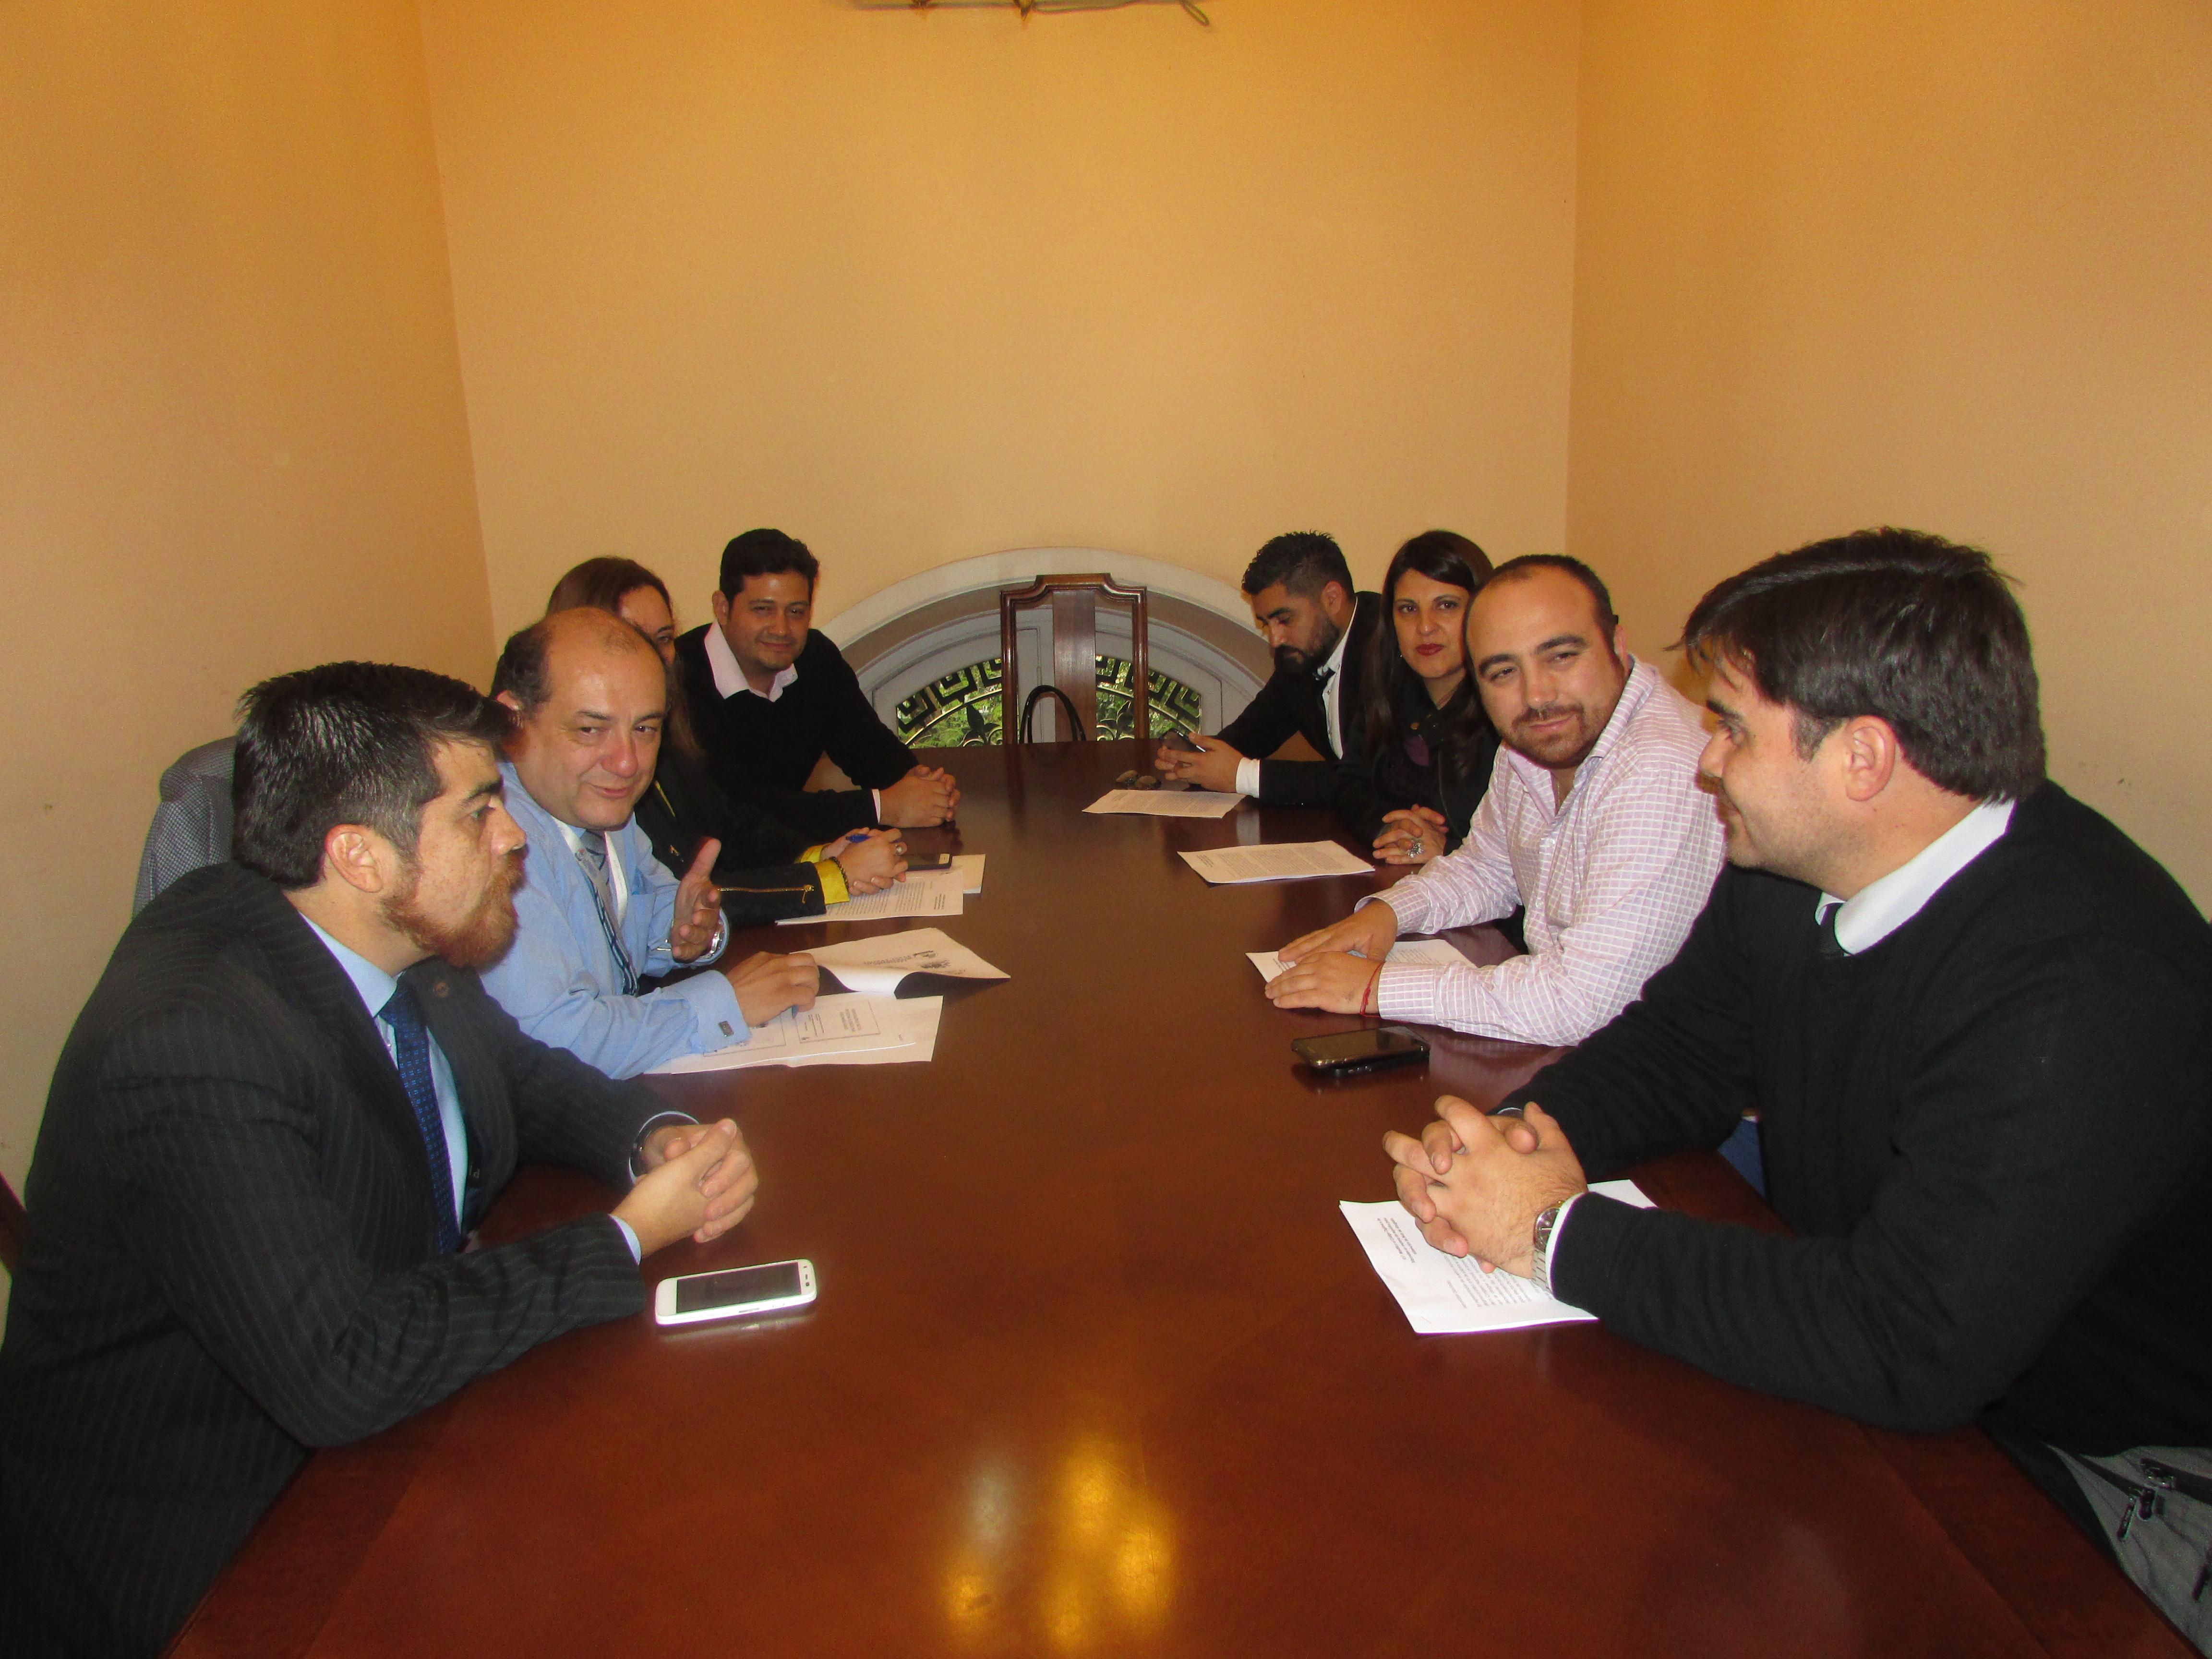 Afudep se reúne con Diputado Chahin por proyecto Homologación Práctica Profesional - 08 Mayo 2017